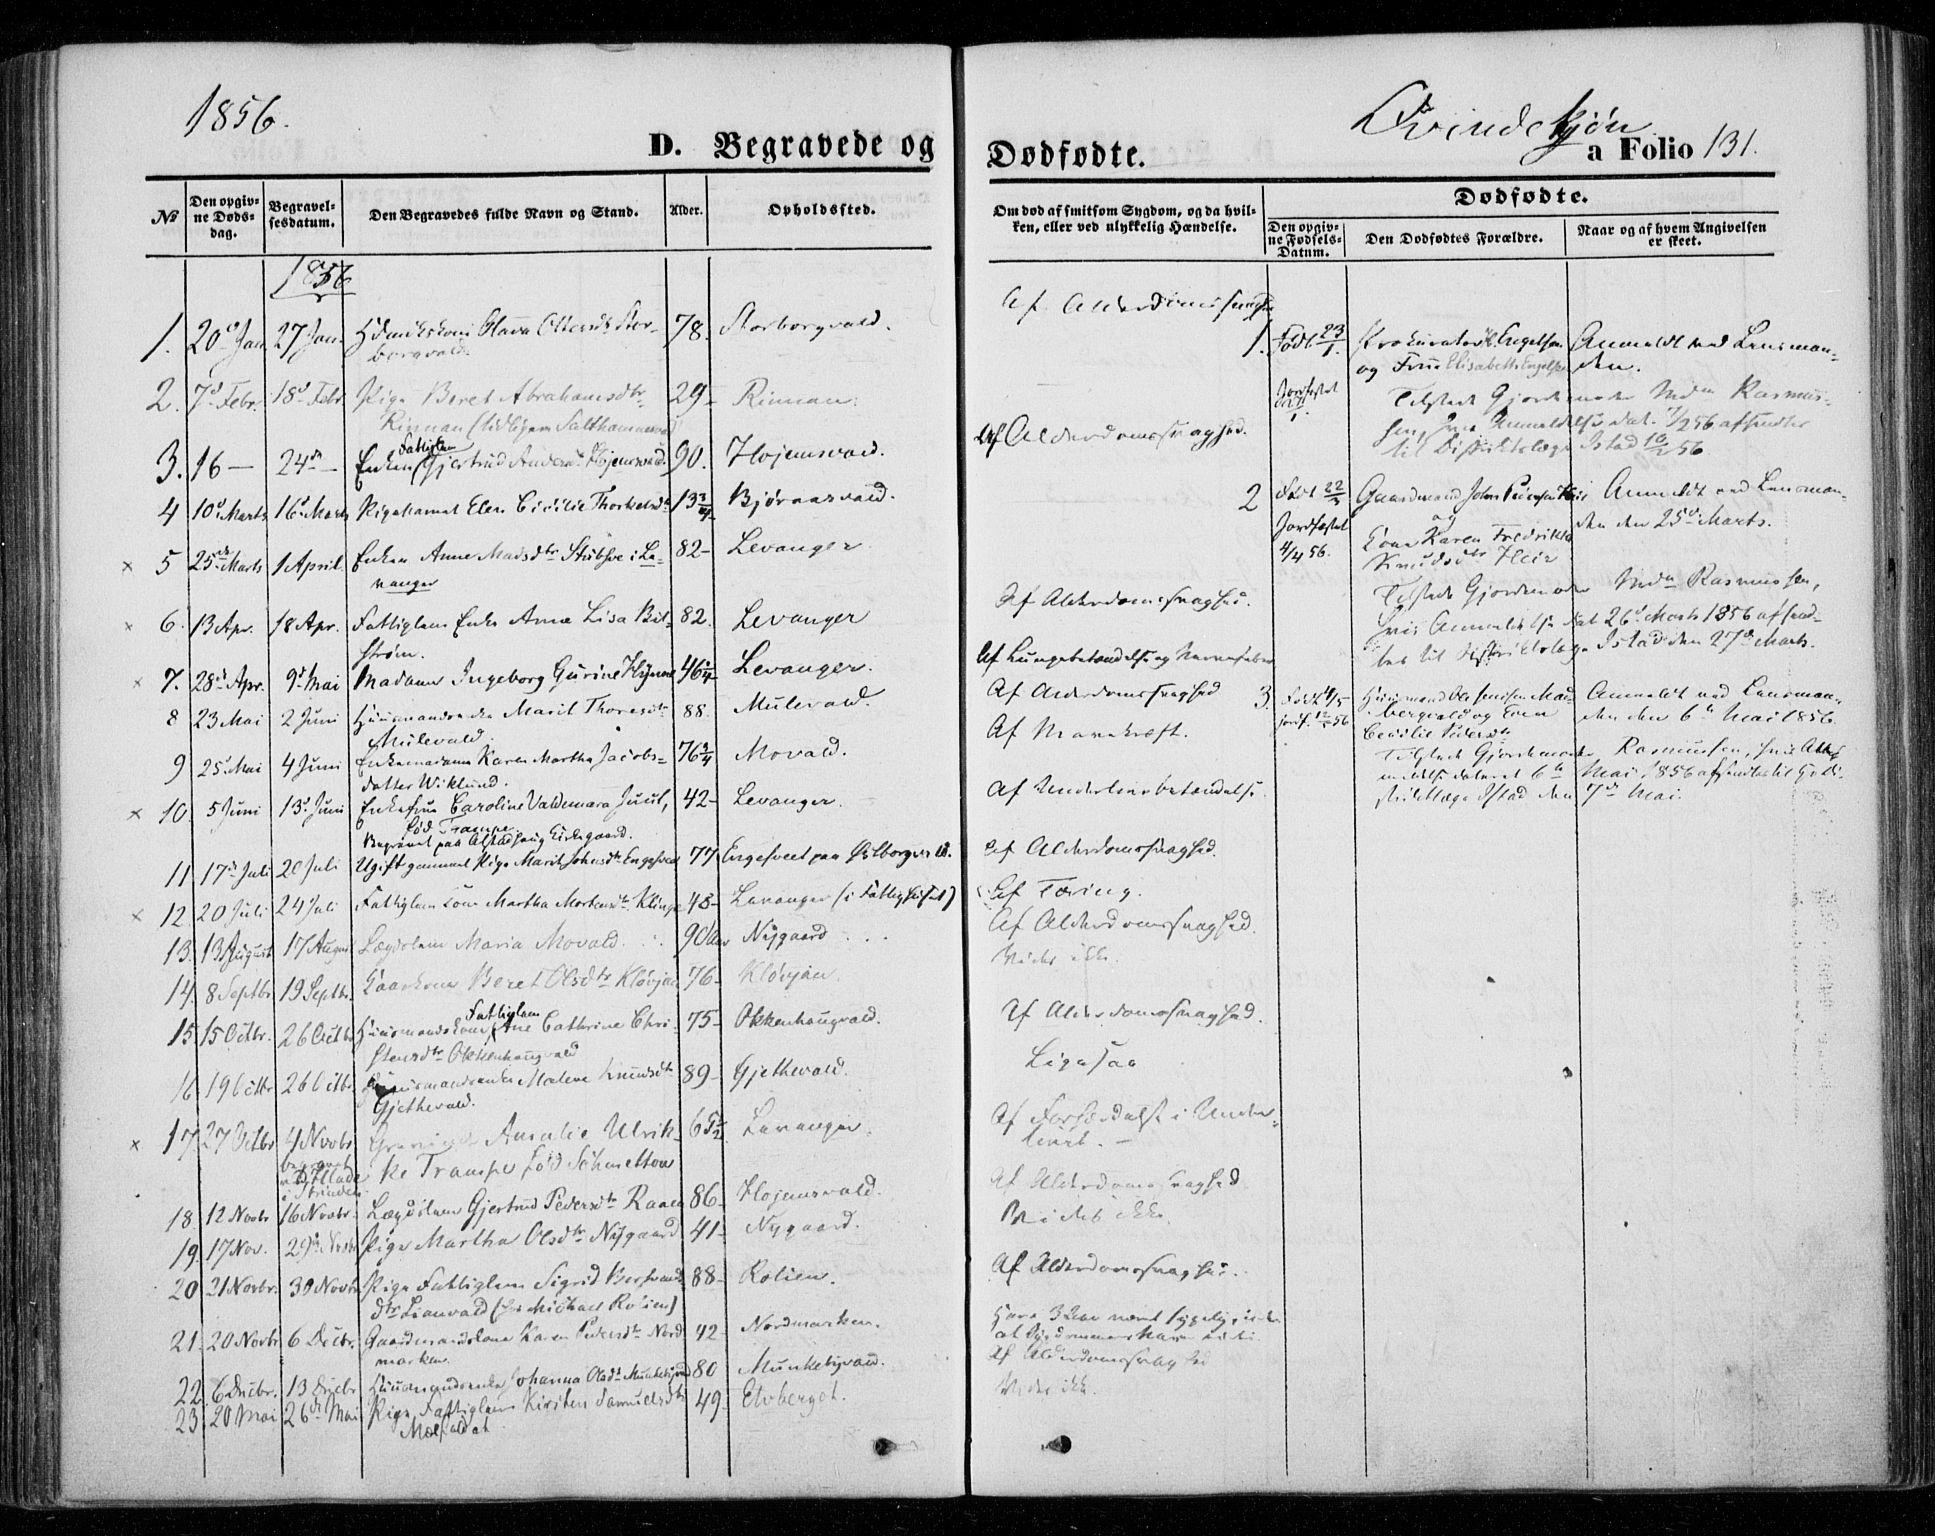 SAT, Ministerialprotokoller, klokkerbøker og fødselsregistre - Nord-Trøndelag, 720/L0184: Ministerialbok nr. 720A02 /1, 1855-1863, s. 131